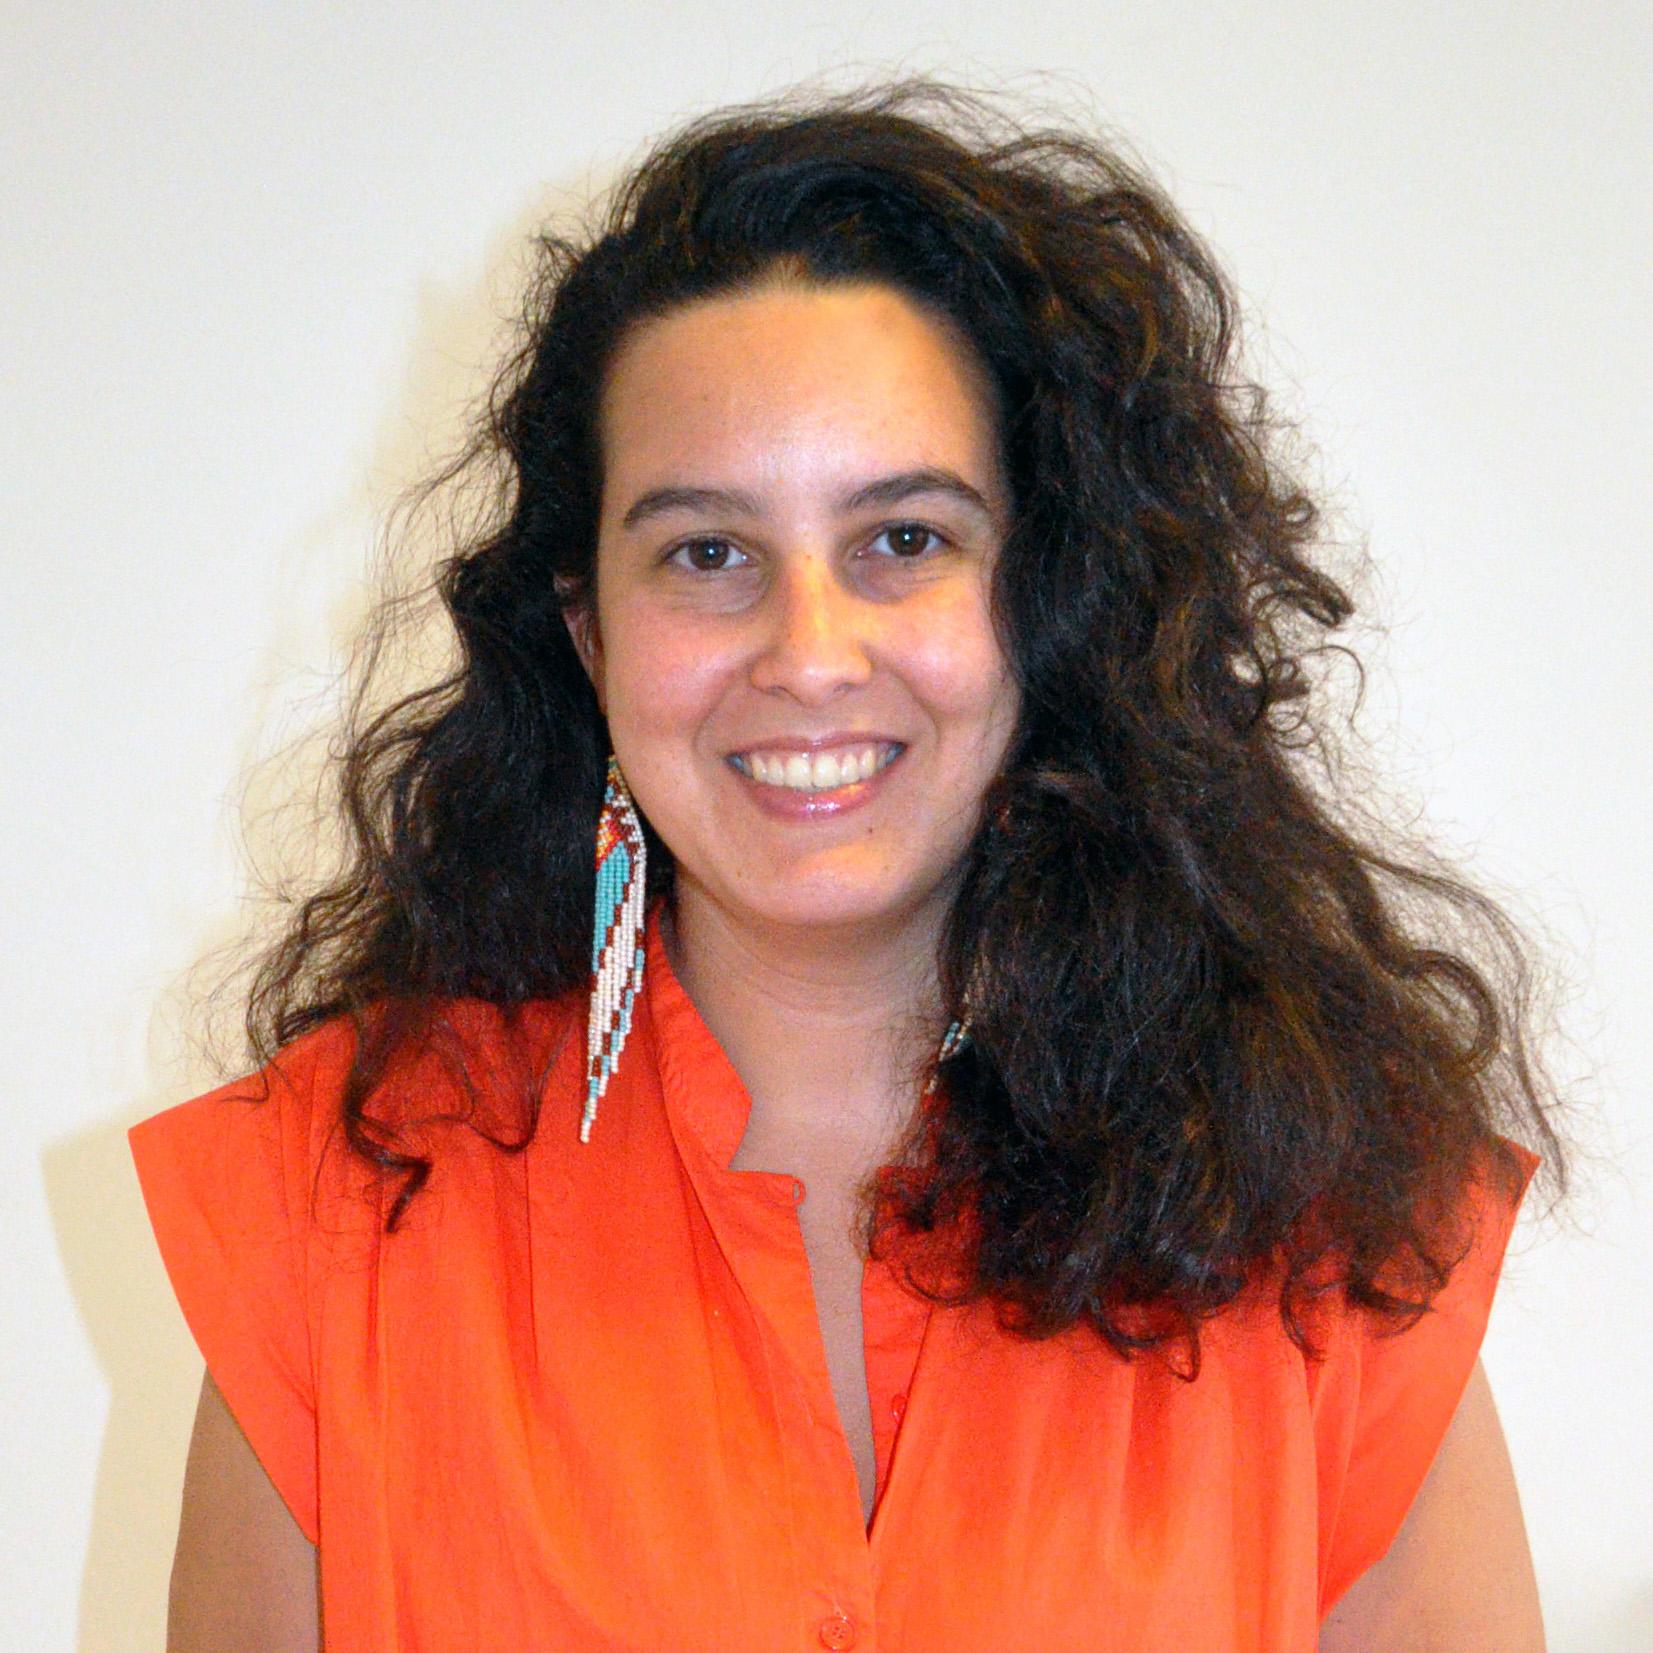 Anna Luiza Braga - Creative Director